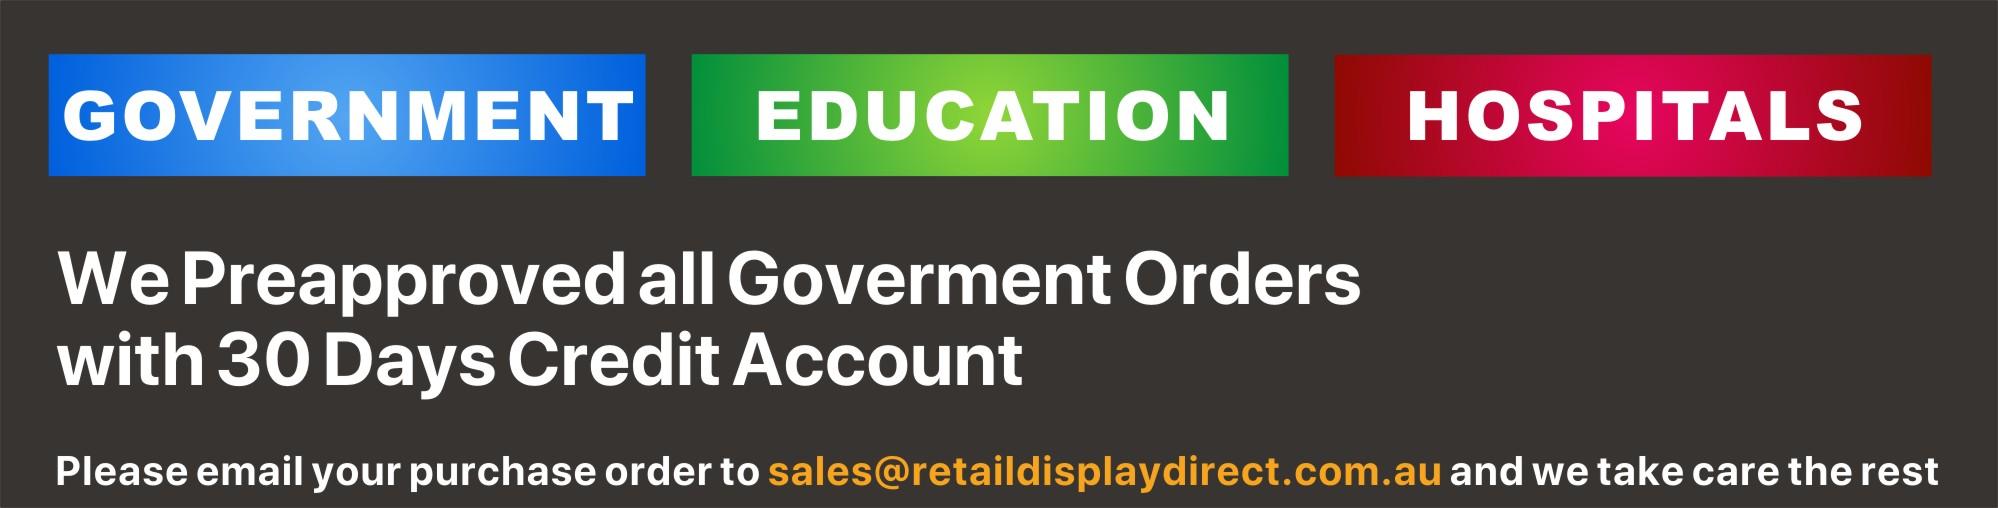 gov-order.jpg